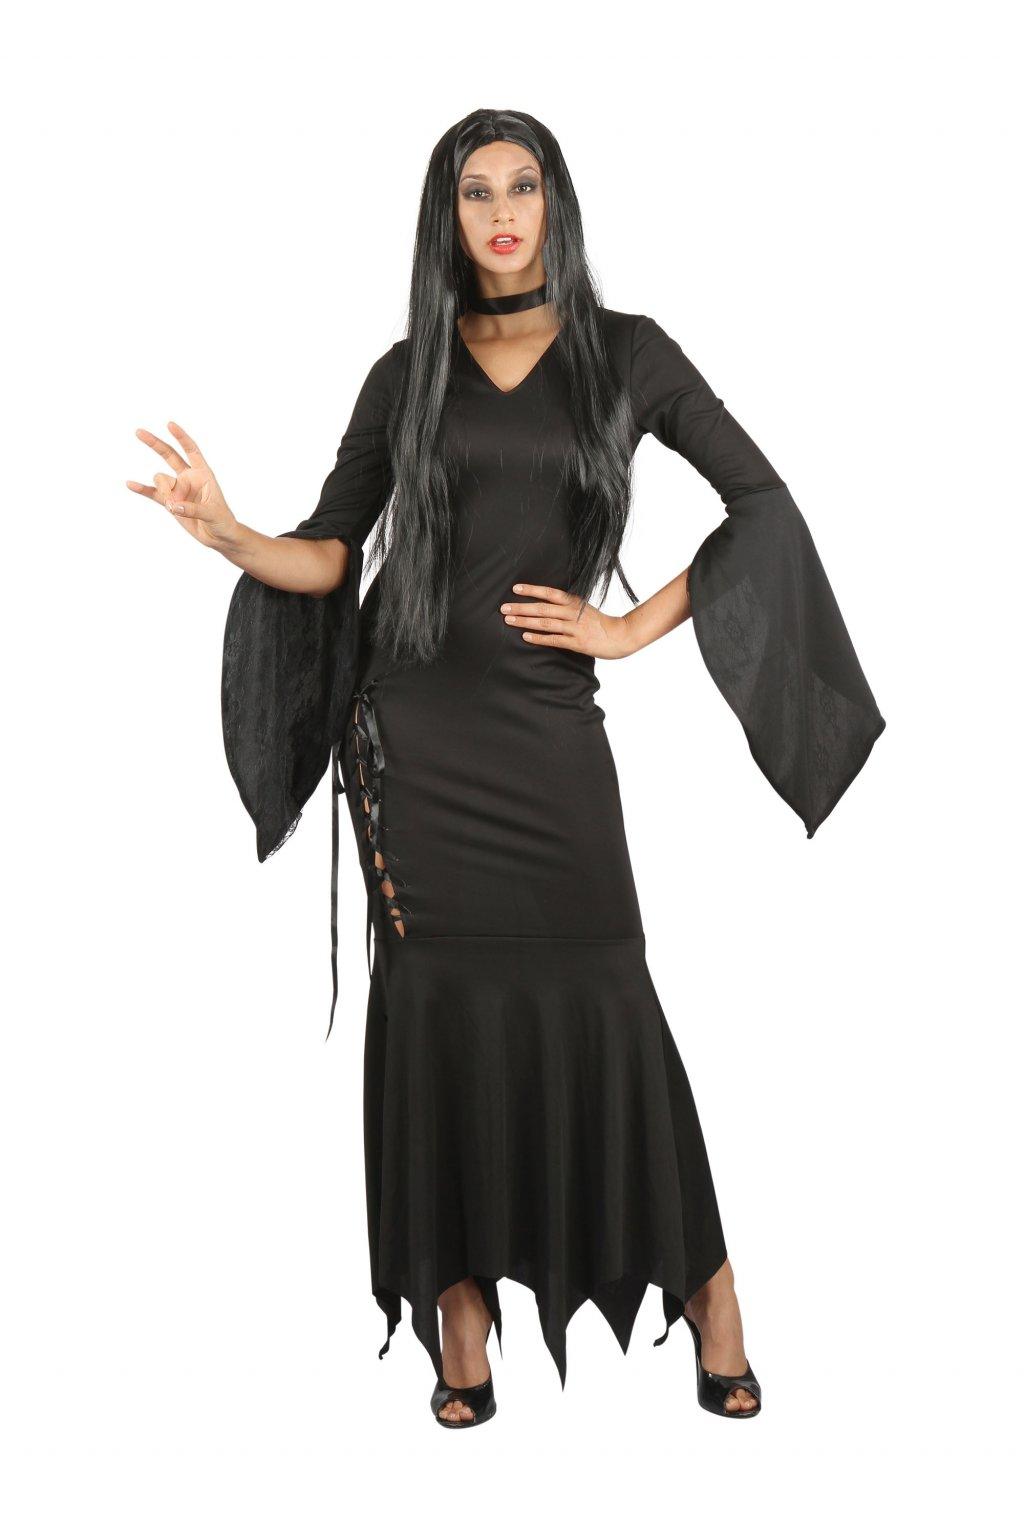 Kostým děsivé čarodějnice